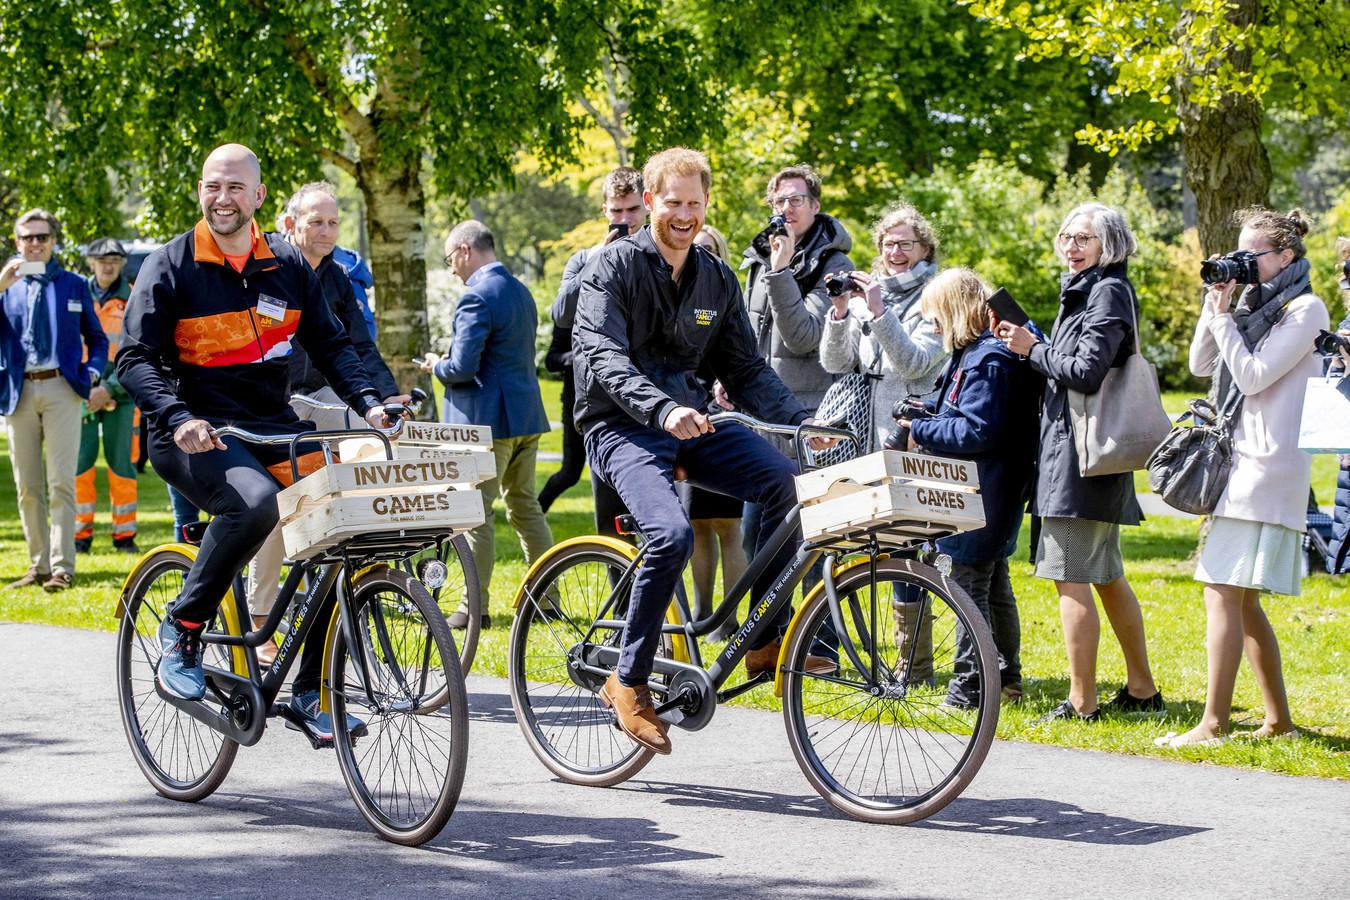 Prins Harry, afgelopen mei in het Haagse Zuiderpark bij de aftrap naar de Invictus Games 2020 in Den Haag.  De Britse prins is initiatiefnemer van deze Olympische Spelen voor militairen, die gewond zijn geraakt  tijdens missies.